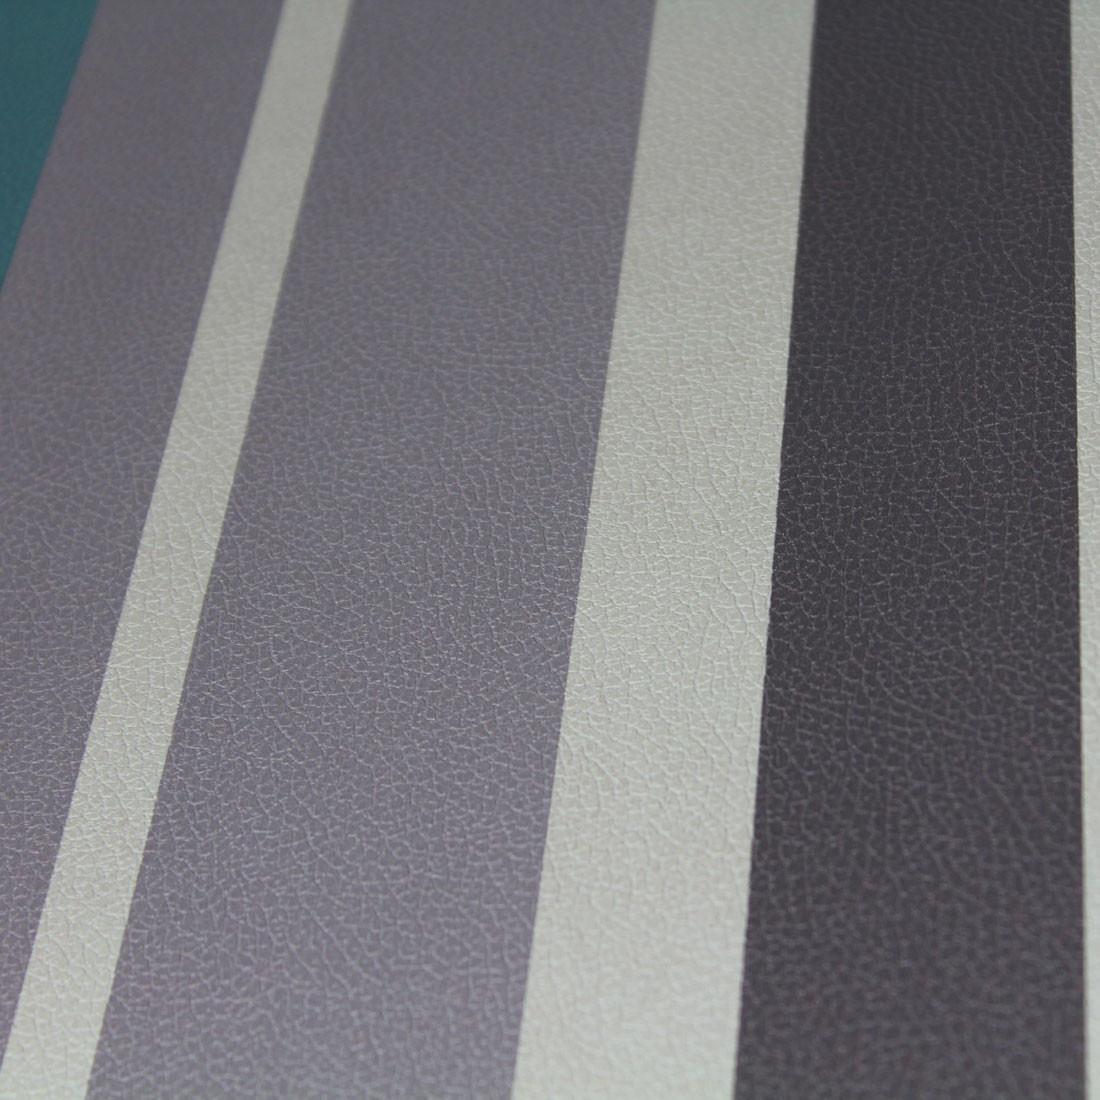 Papel de Parede Muresco Corium Listras Bege Marrom Cinza e Verde Texturizado